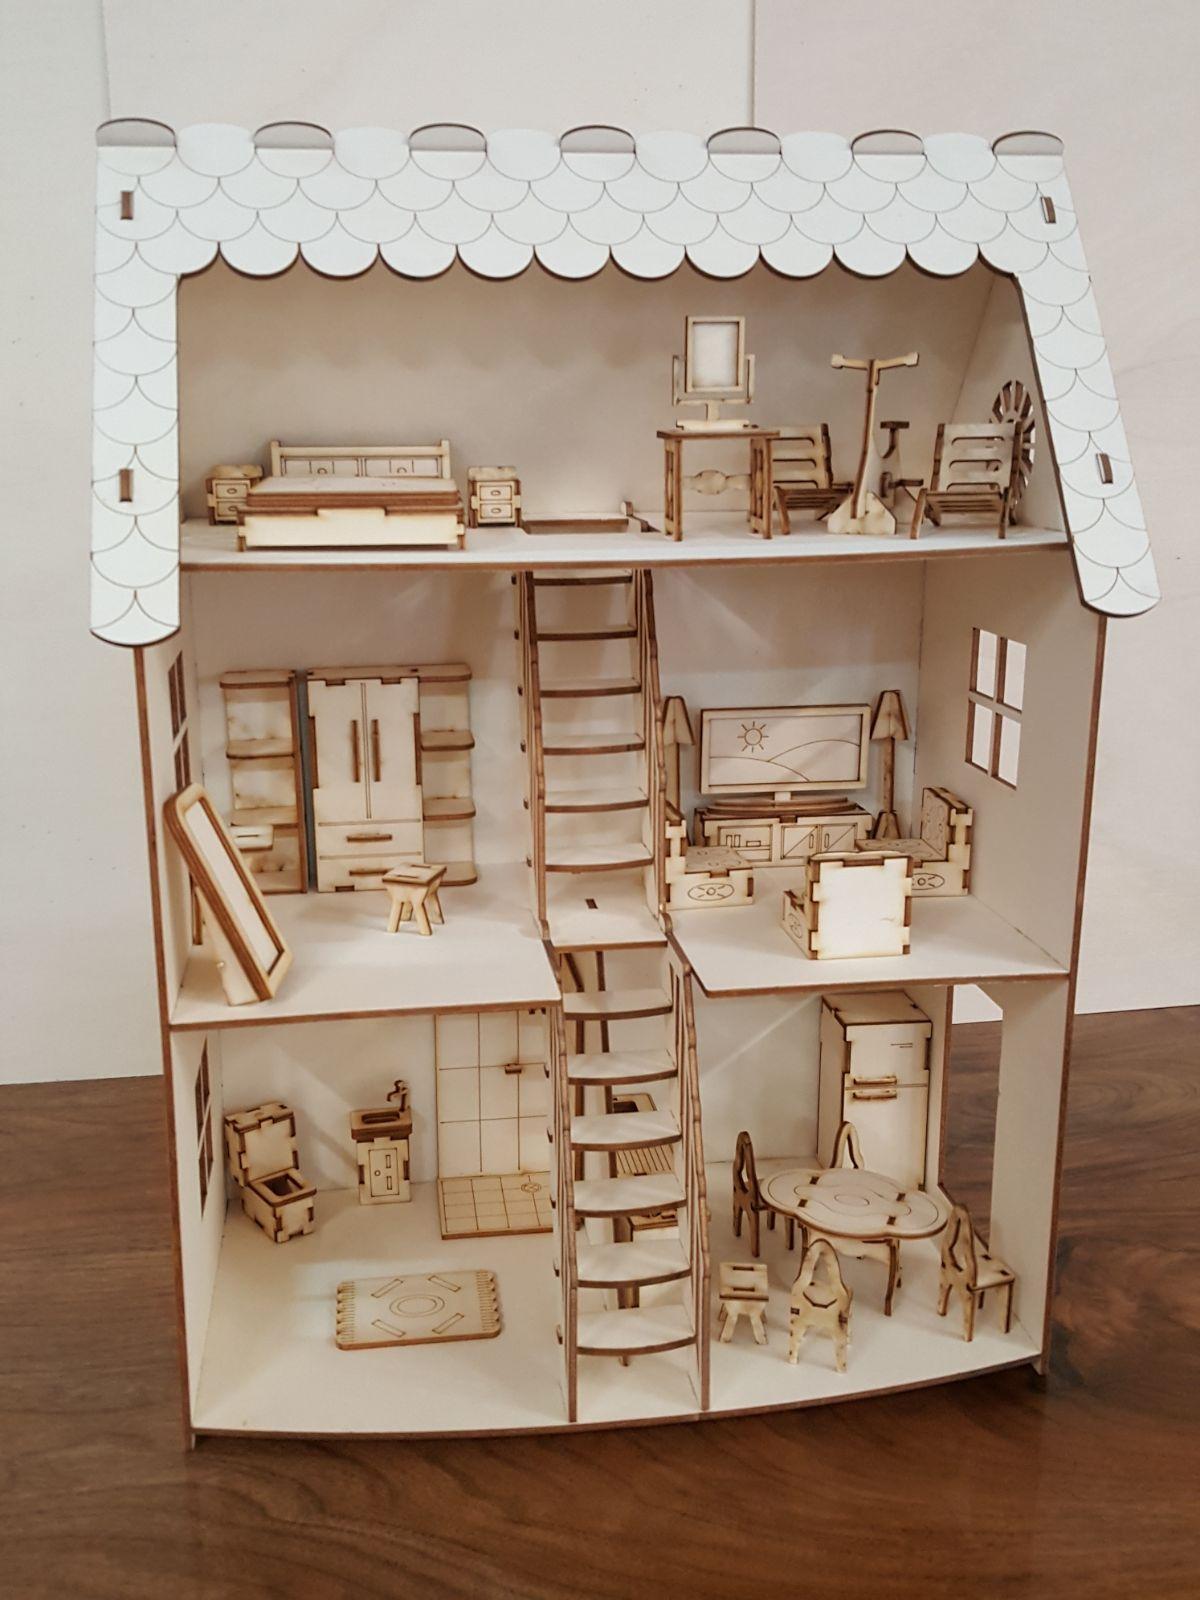 Domek pro panenky / Dětský dřevěný domeček pro panenky 60 x 80 x 31 cm